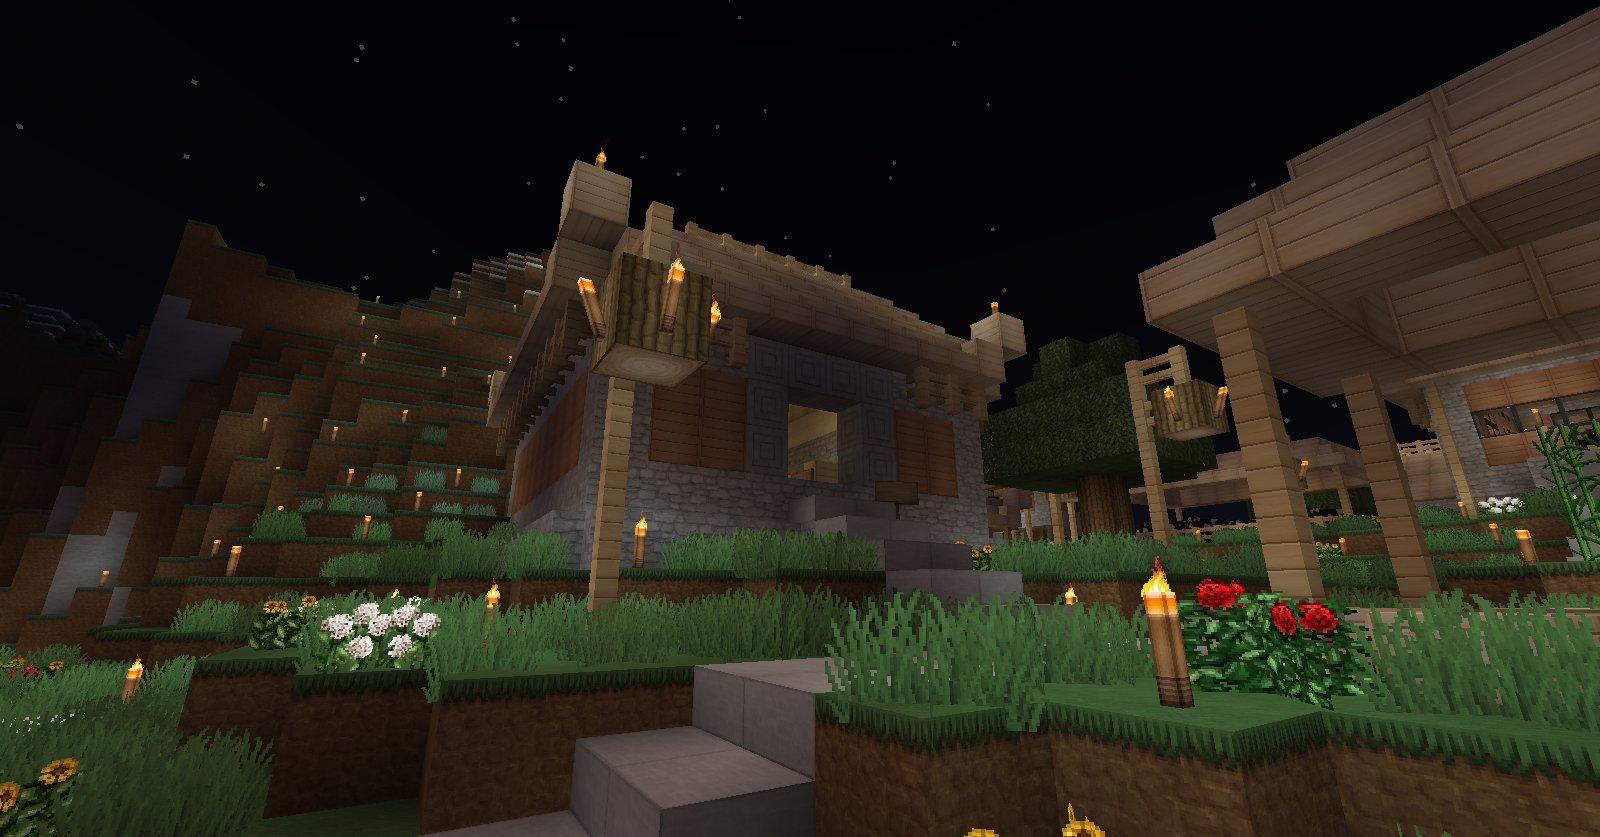 Projet village asiatique. 084ba082-e47d-44a9-a6f2-f6be4c7405dc